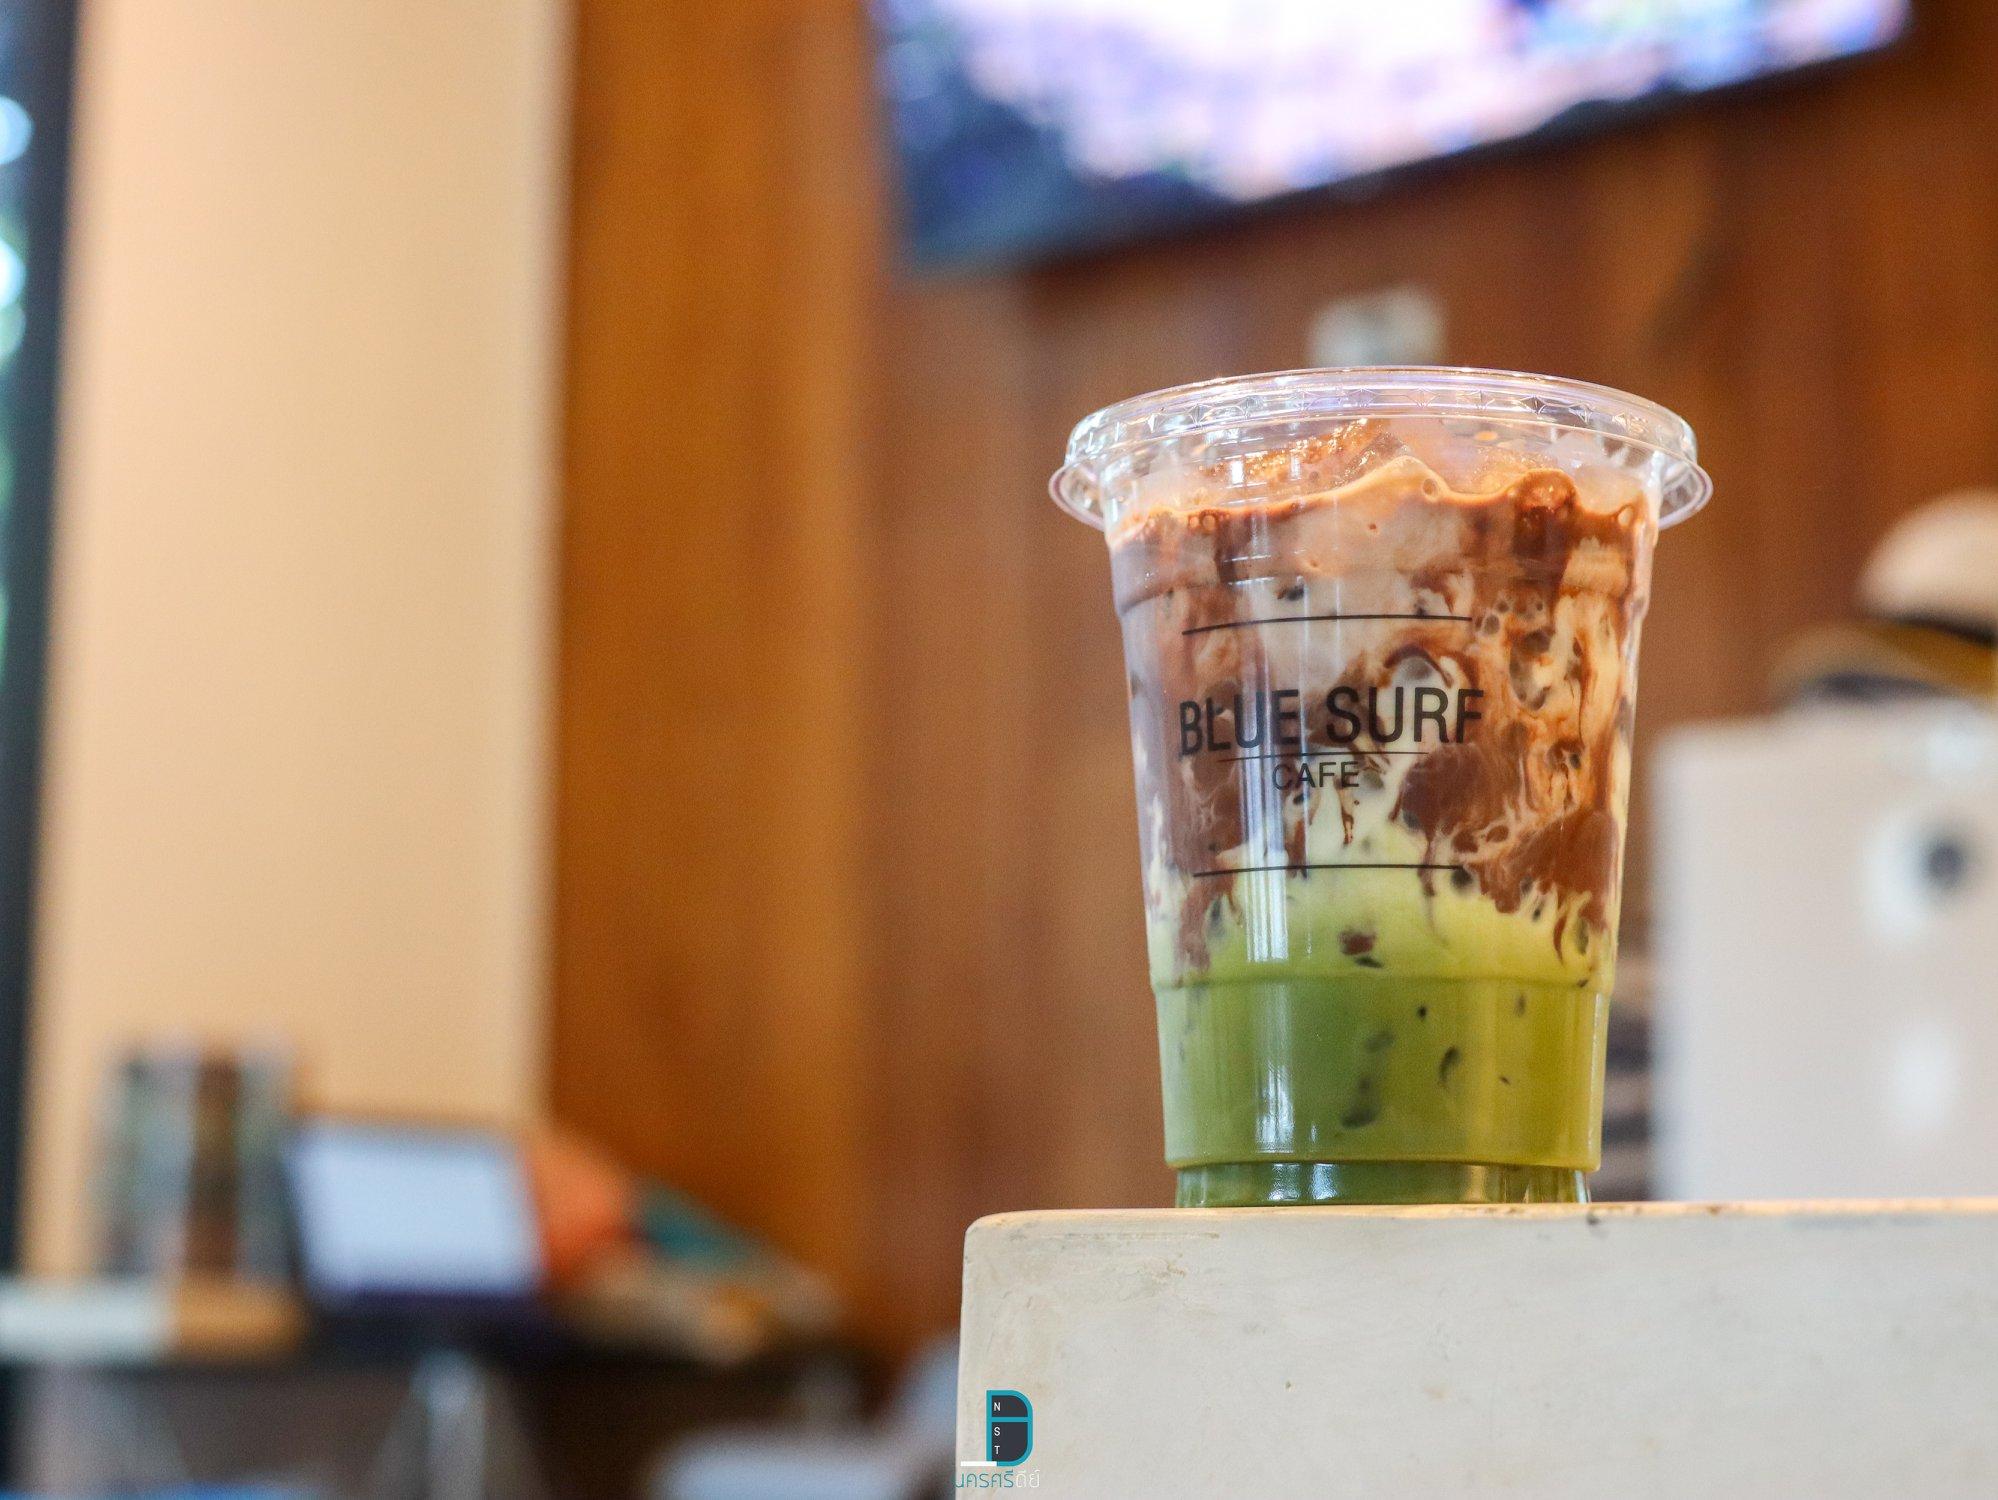 มัจฉะโกโก้ Blue Surf Cafeชาเขียว,มัจฉะ,โกโก้,อร่อยเด็ด,ช็อกโกแลต